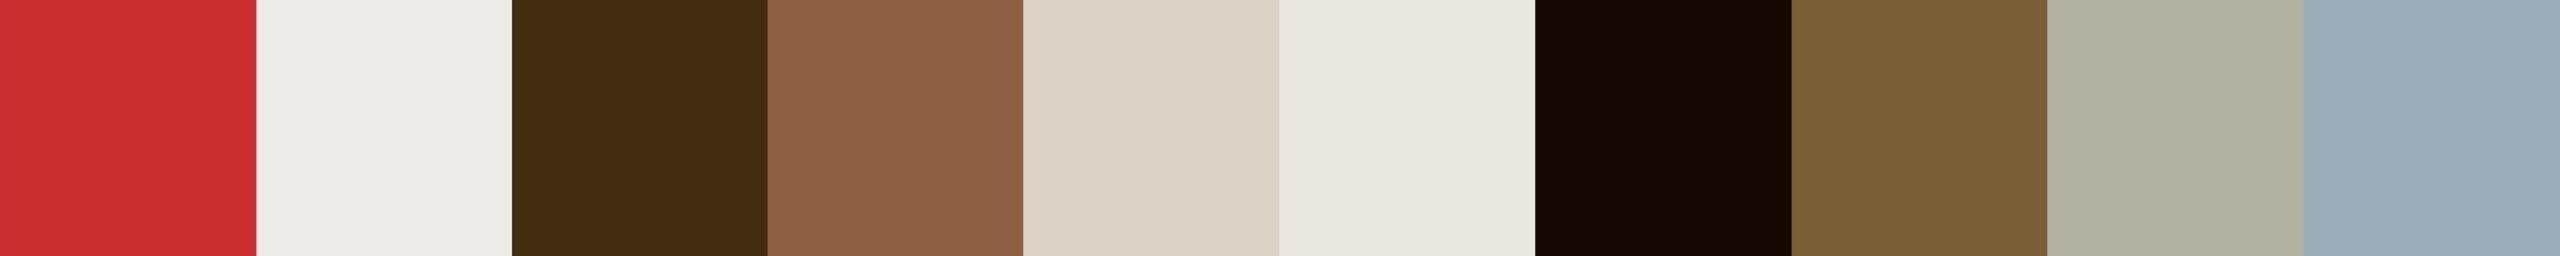 127 Siberasia Color Palette